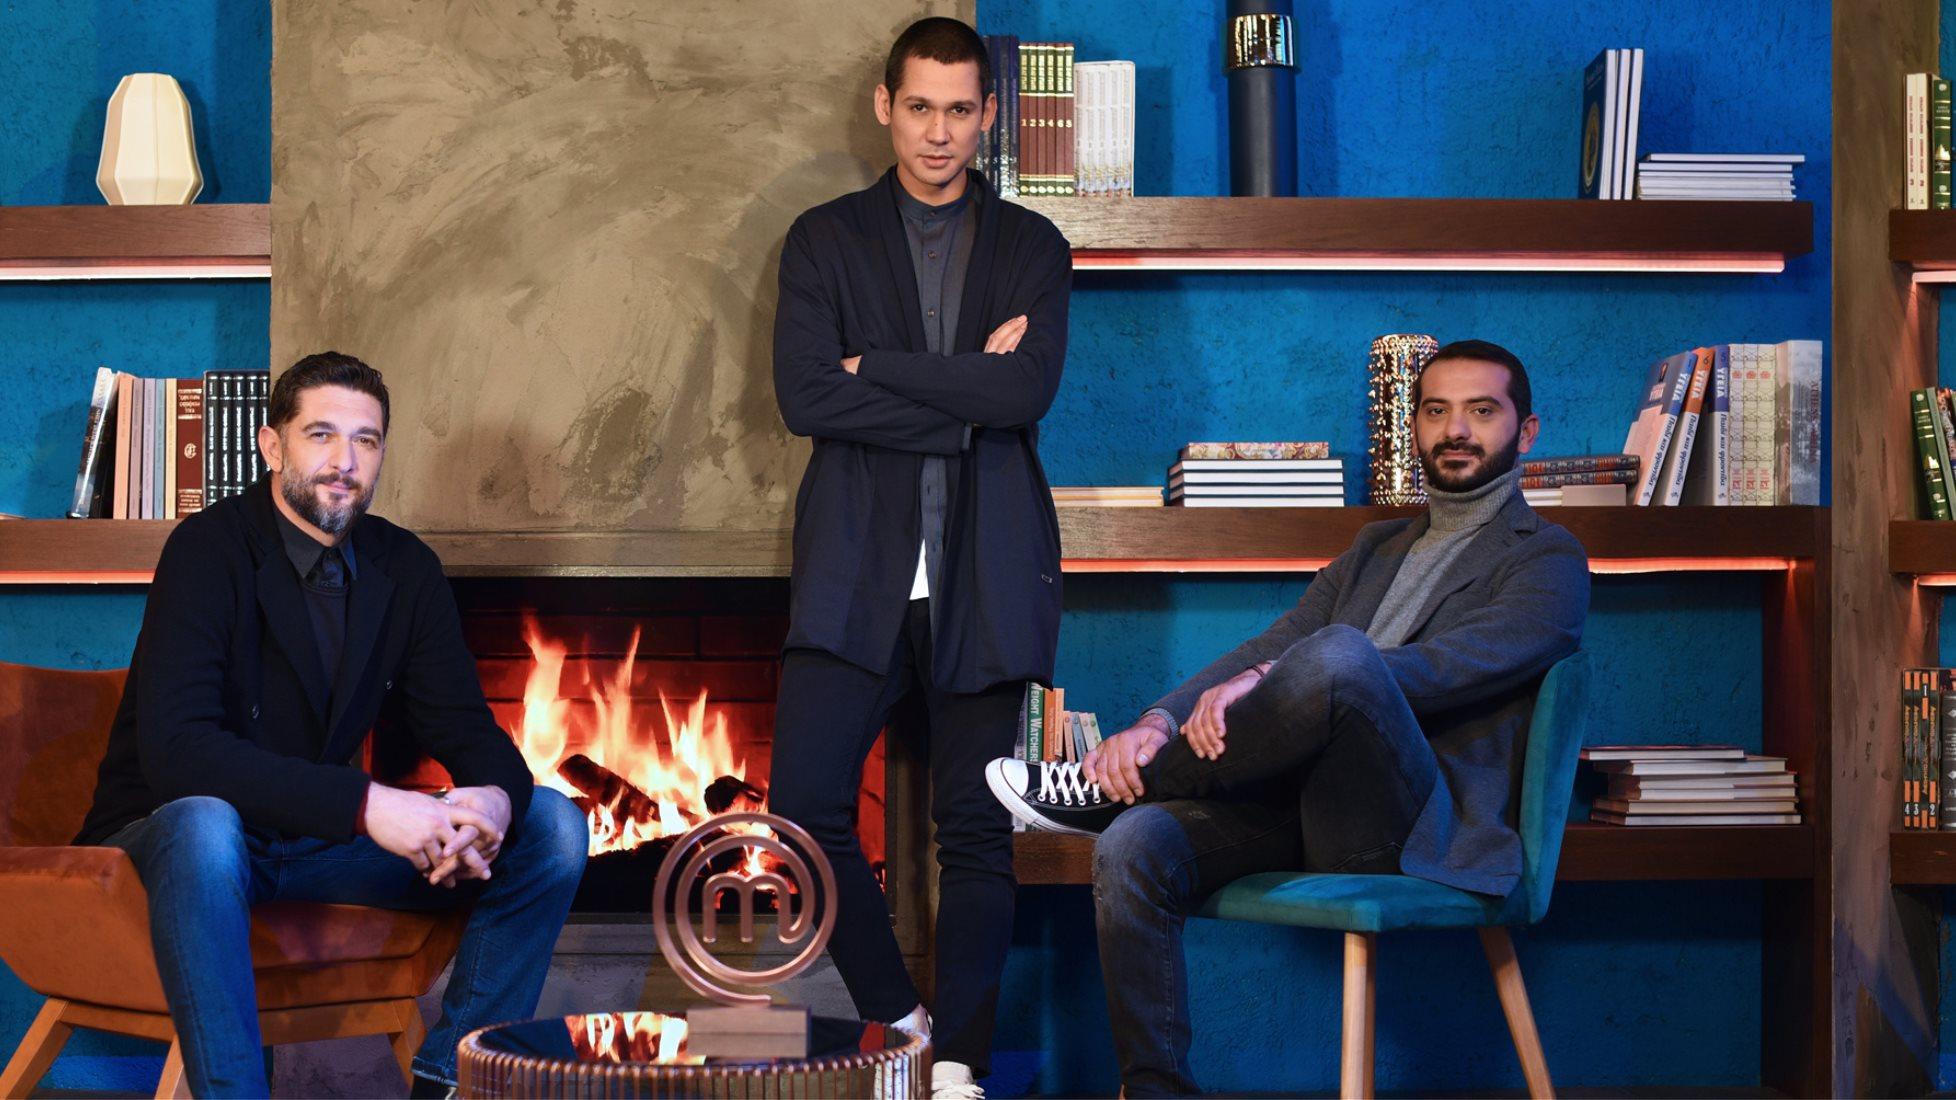 Οι κριτές του MasterChef Σωτήρης Κοντιζάς, Λεωνίδας Κουτσόπουλος και Πάνος Ιωαννίδης